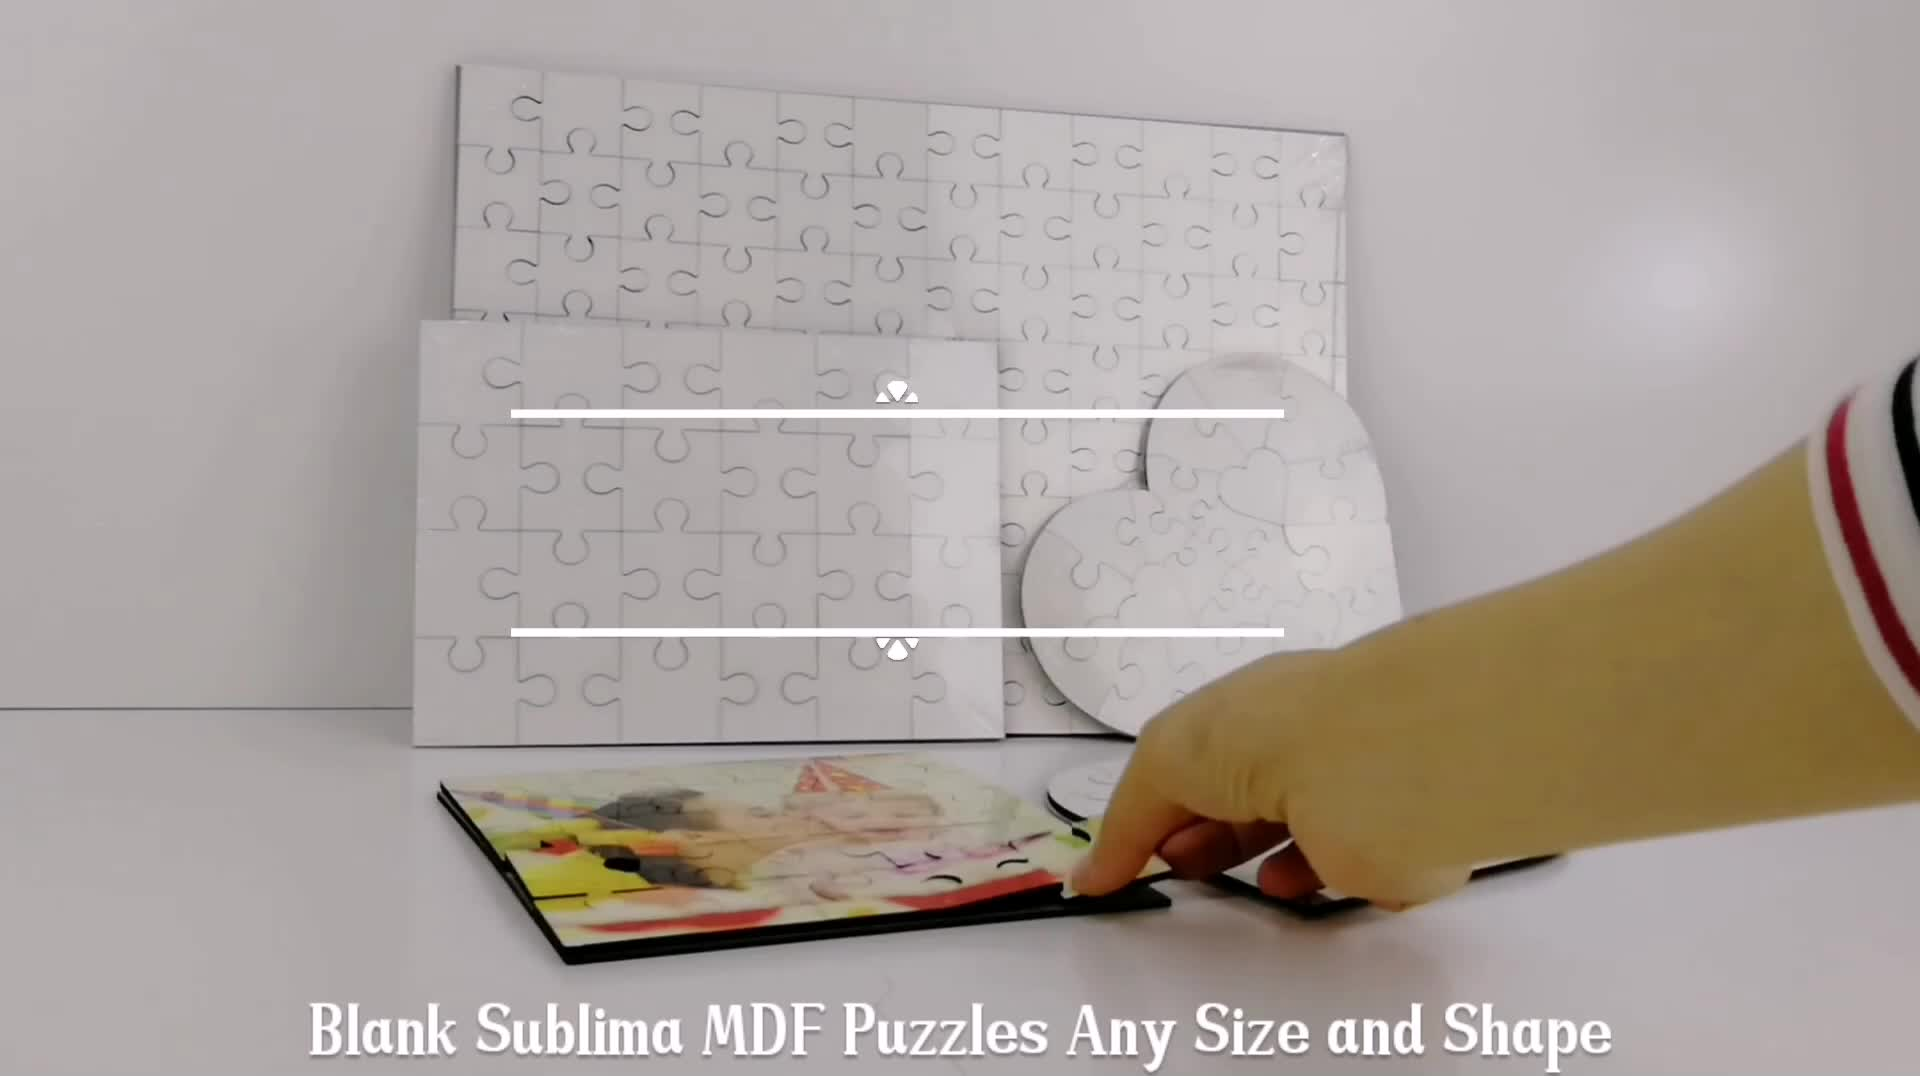 12 штук детского образования деревянная заготовка краска для печати игрушка-головоломка сублимации головоломки